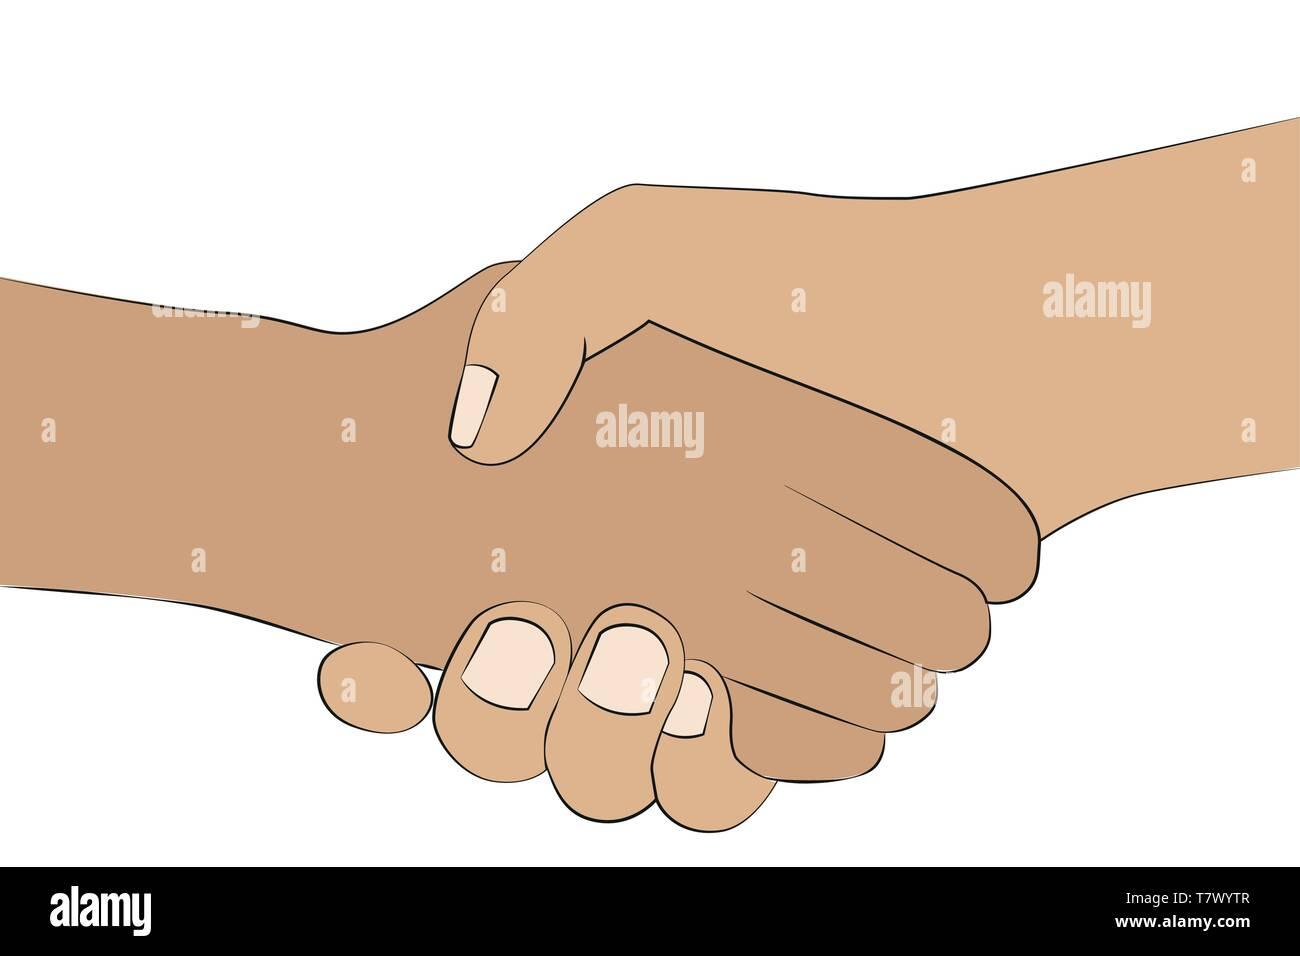 Handshake zwei Menschen Hände schütteln auf weißem Hintergrund Vektor-illustration EPS 10 isoliert Stock Vektor